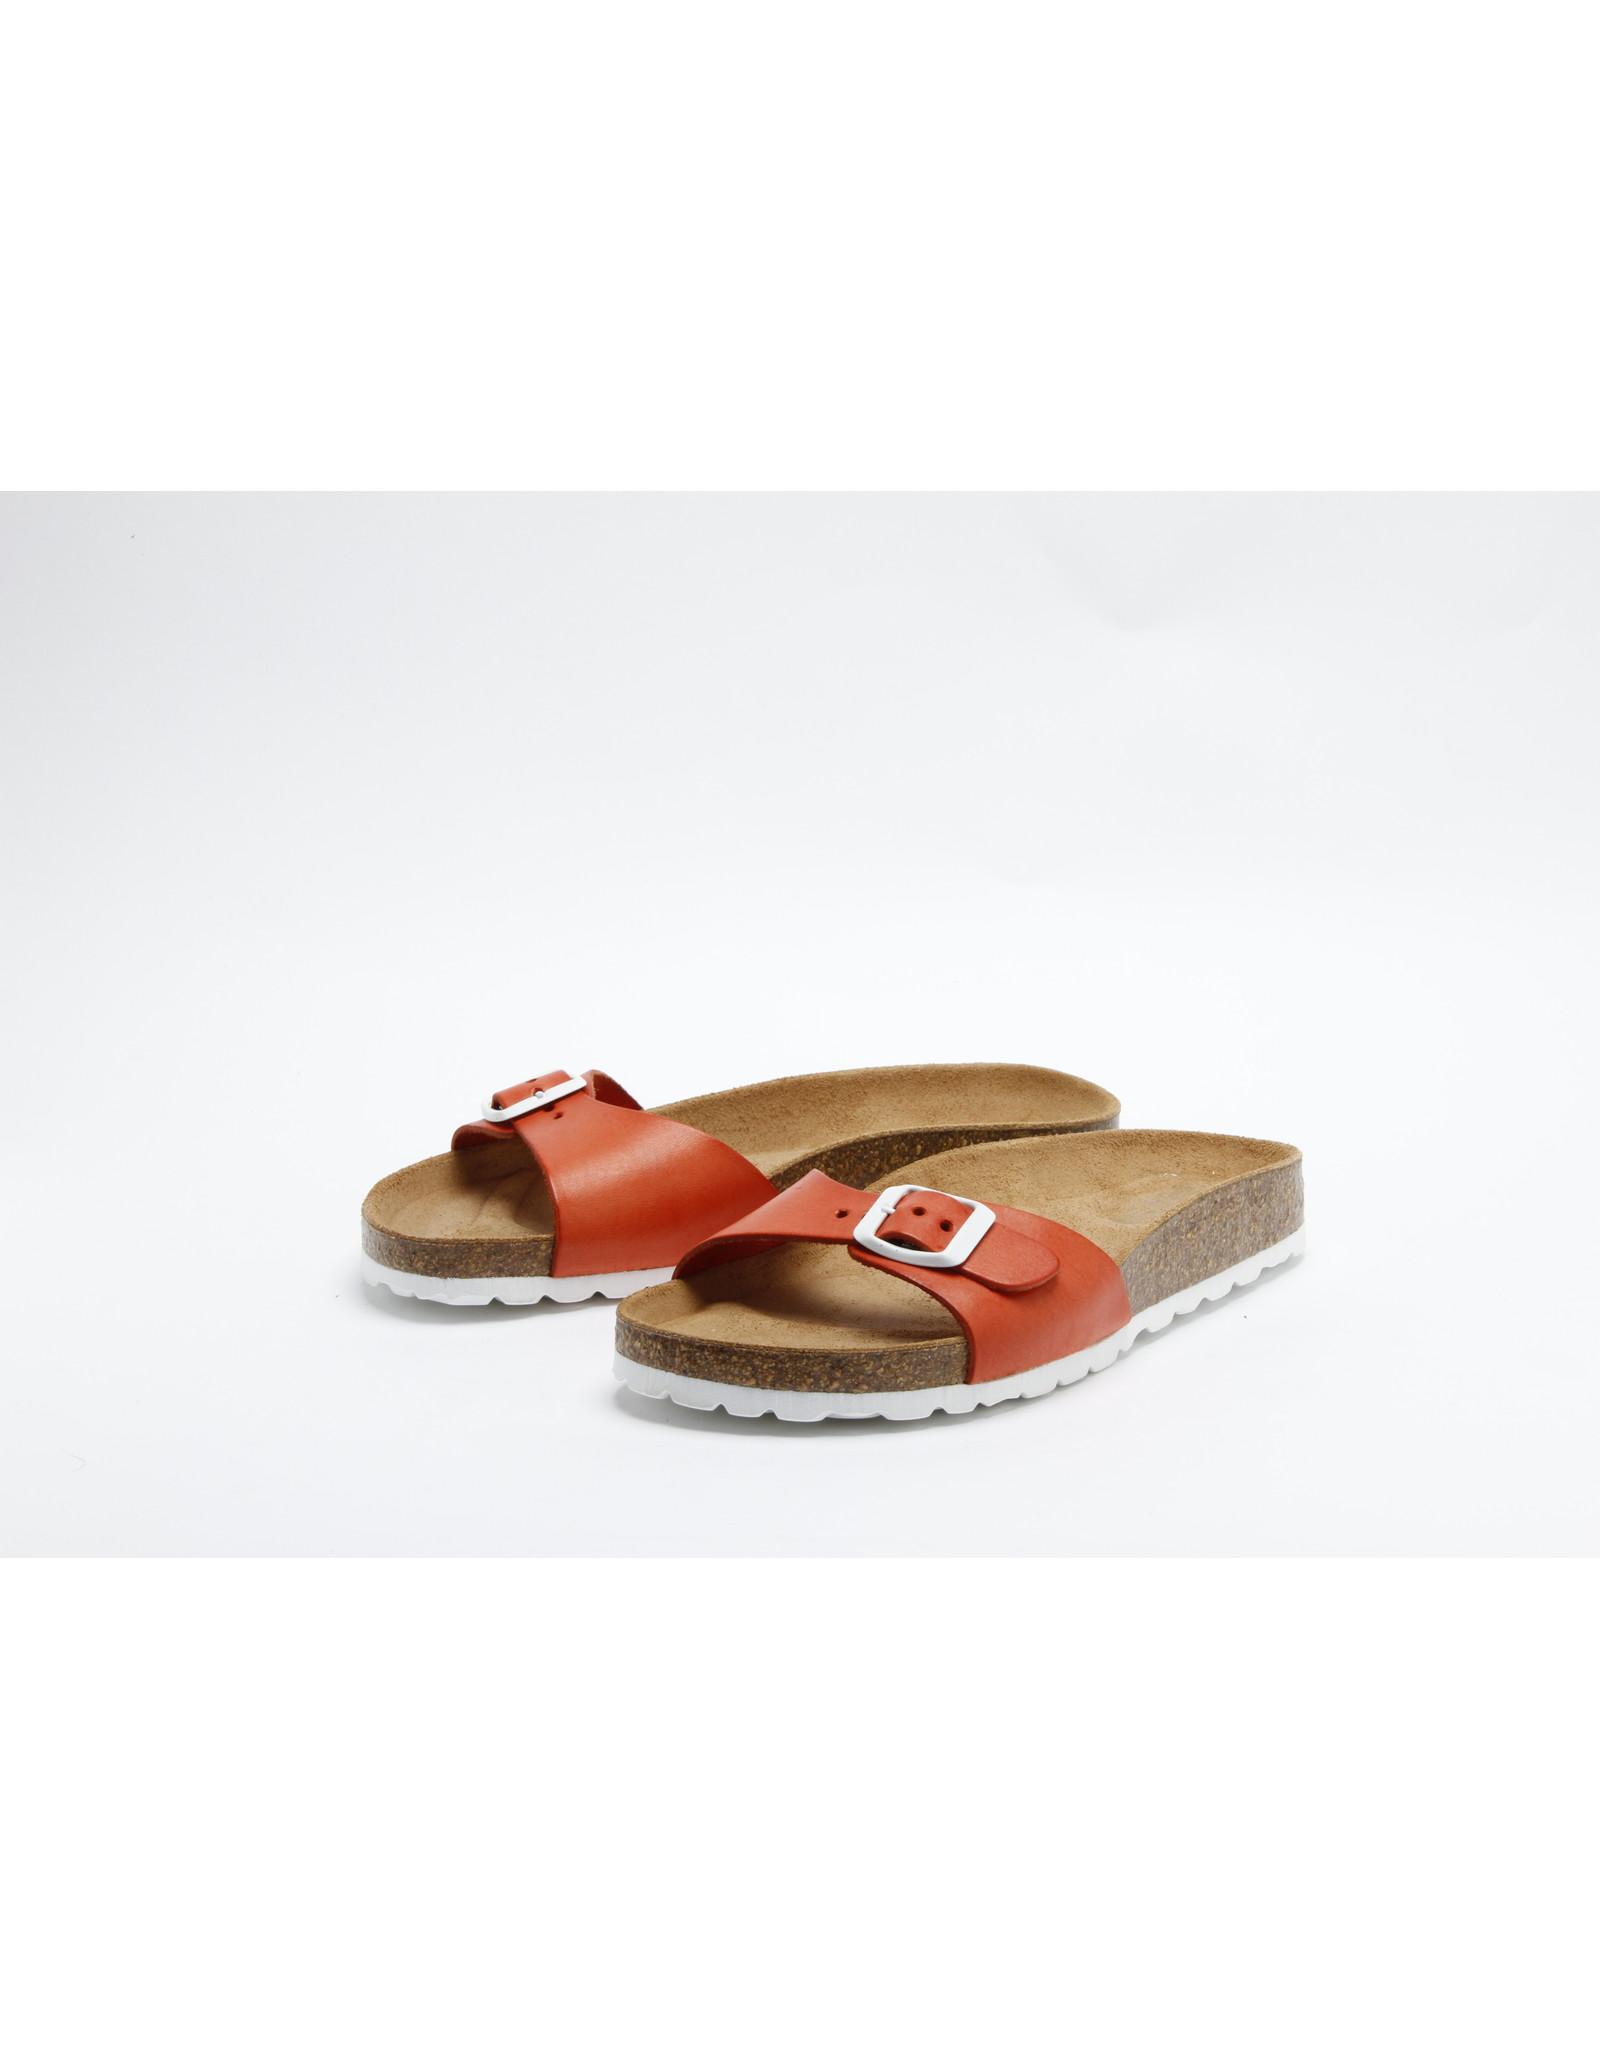 Grand Step Shoes Linda Slides